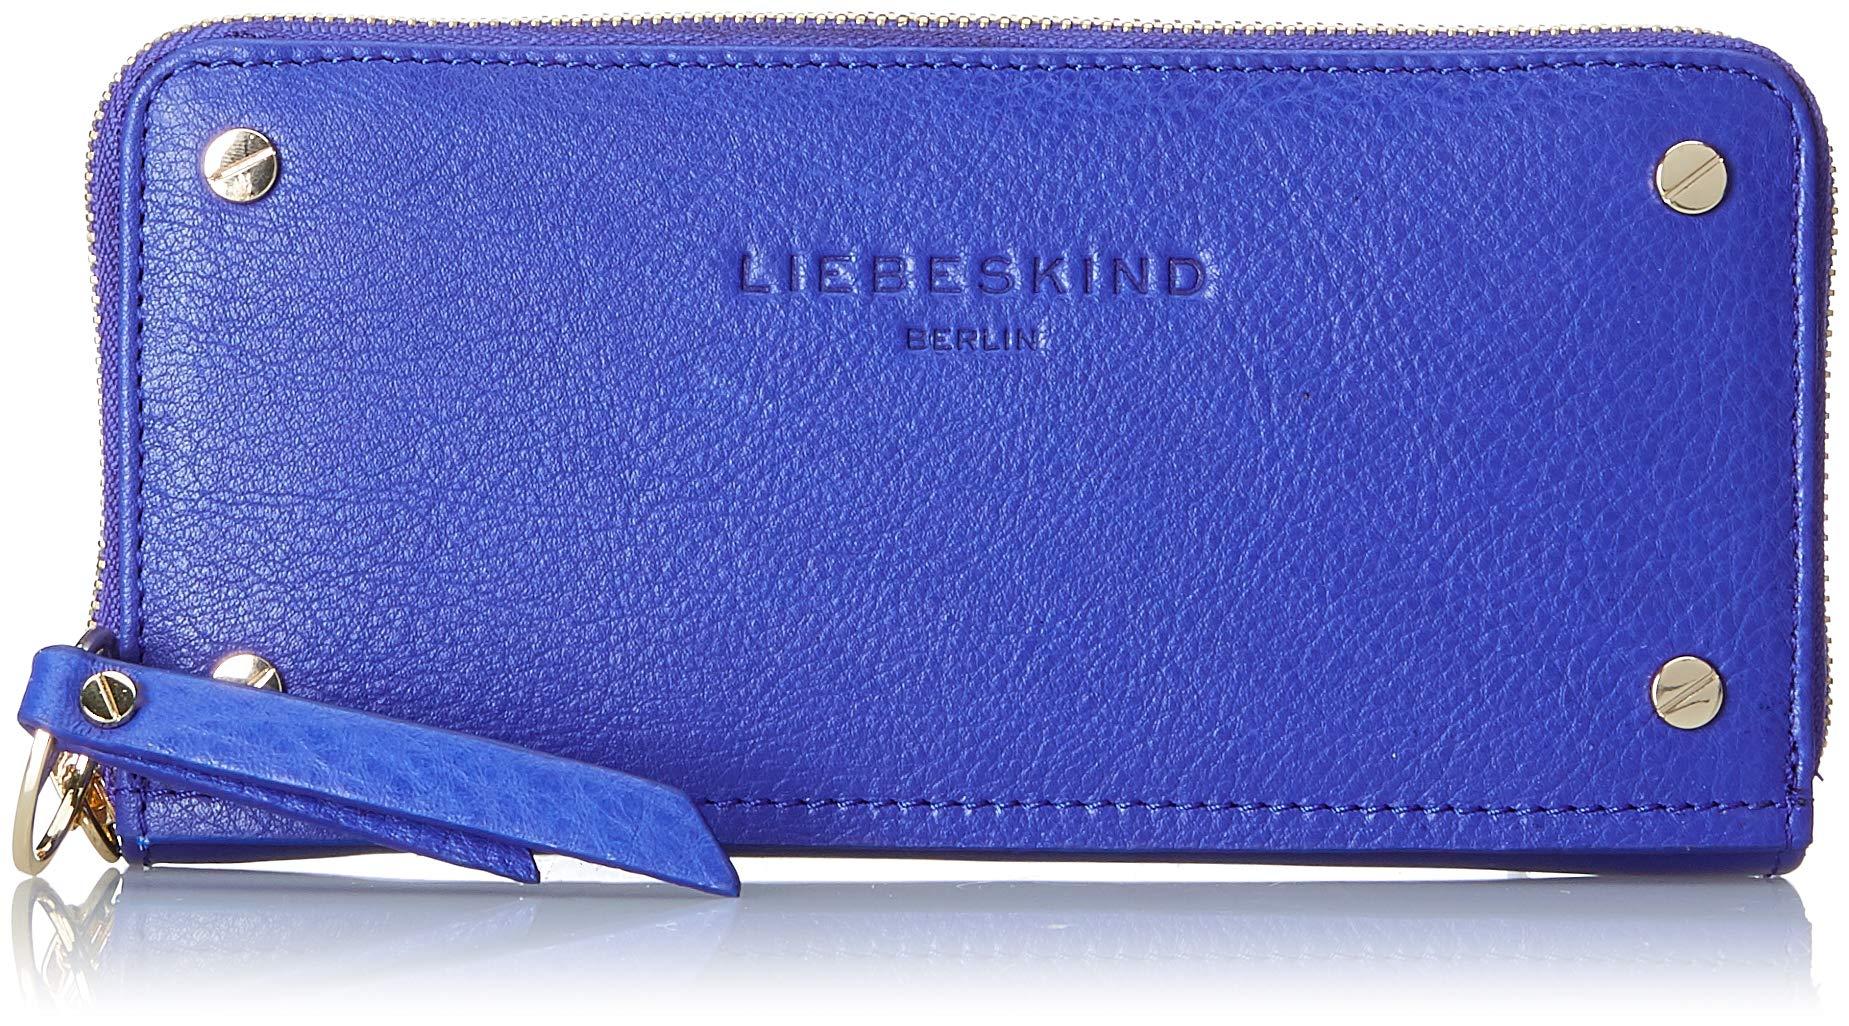 Liebeskind H Blue Mnpsallh8PebbpaPorte X T Bleudeep Berlin monnaie Cmb 56182x9x19 Femme QrxtCsdh